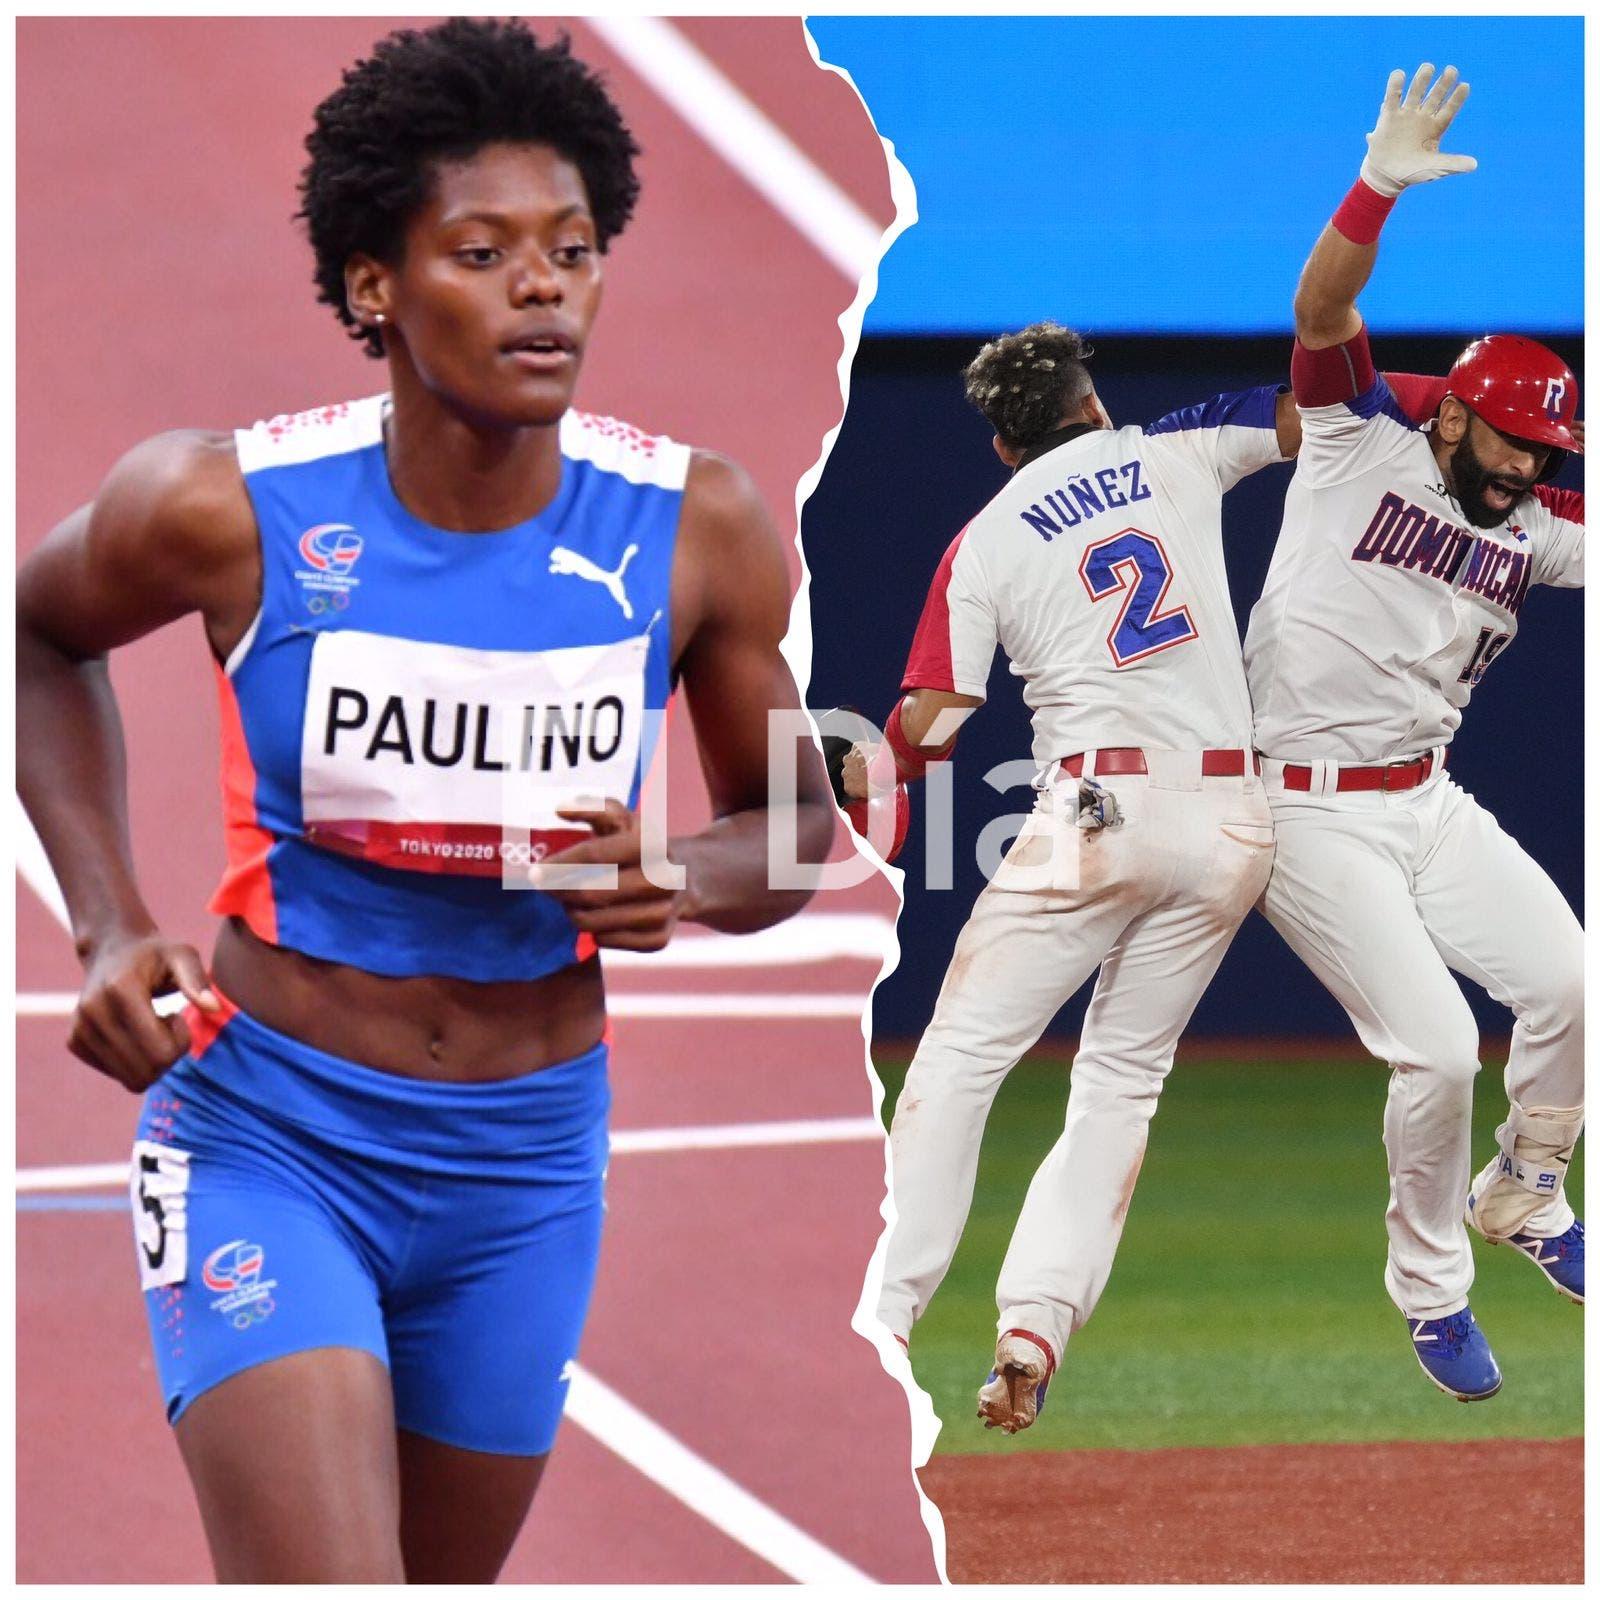 Marileidy Paulino y béisbol cierran actuación RD en Juegos Olímpicos Tokio